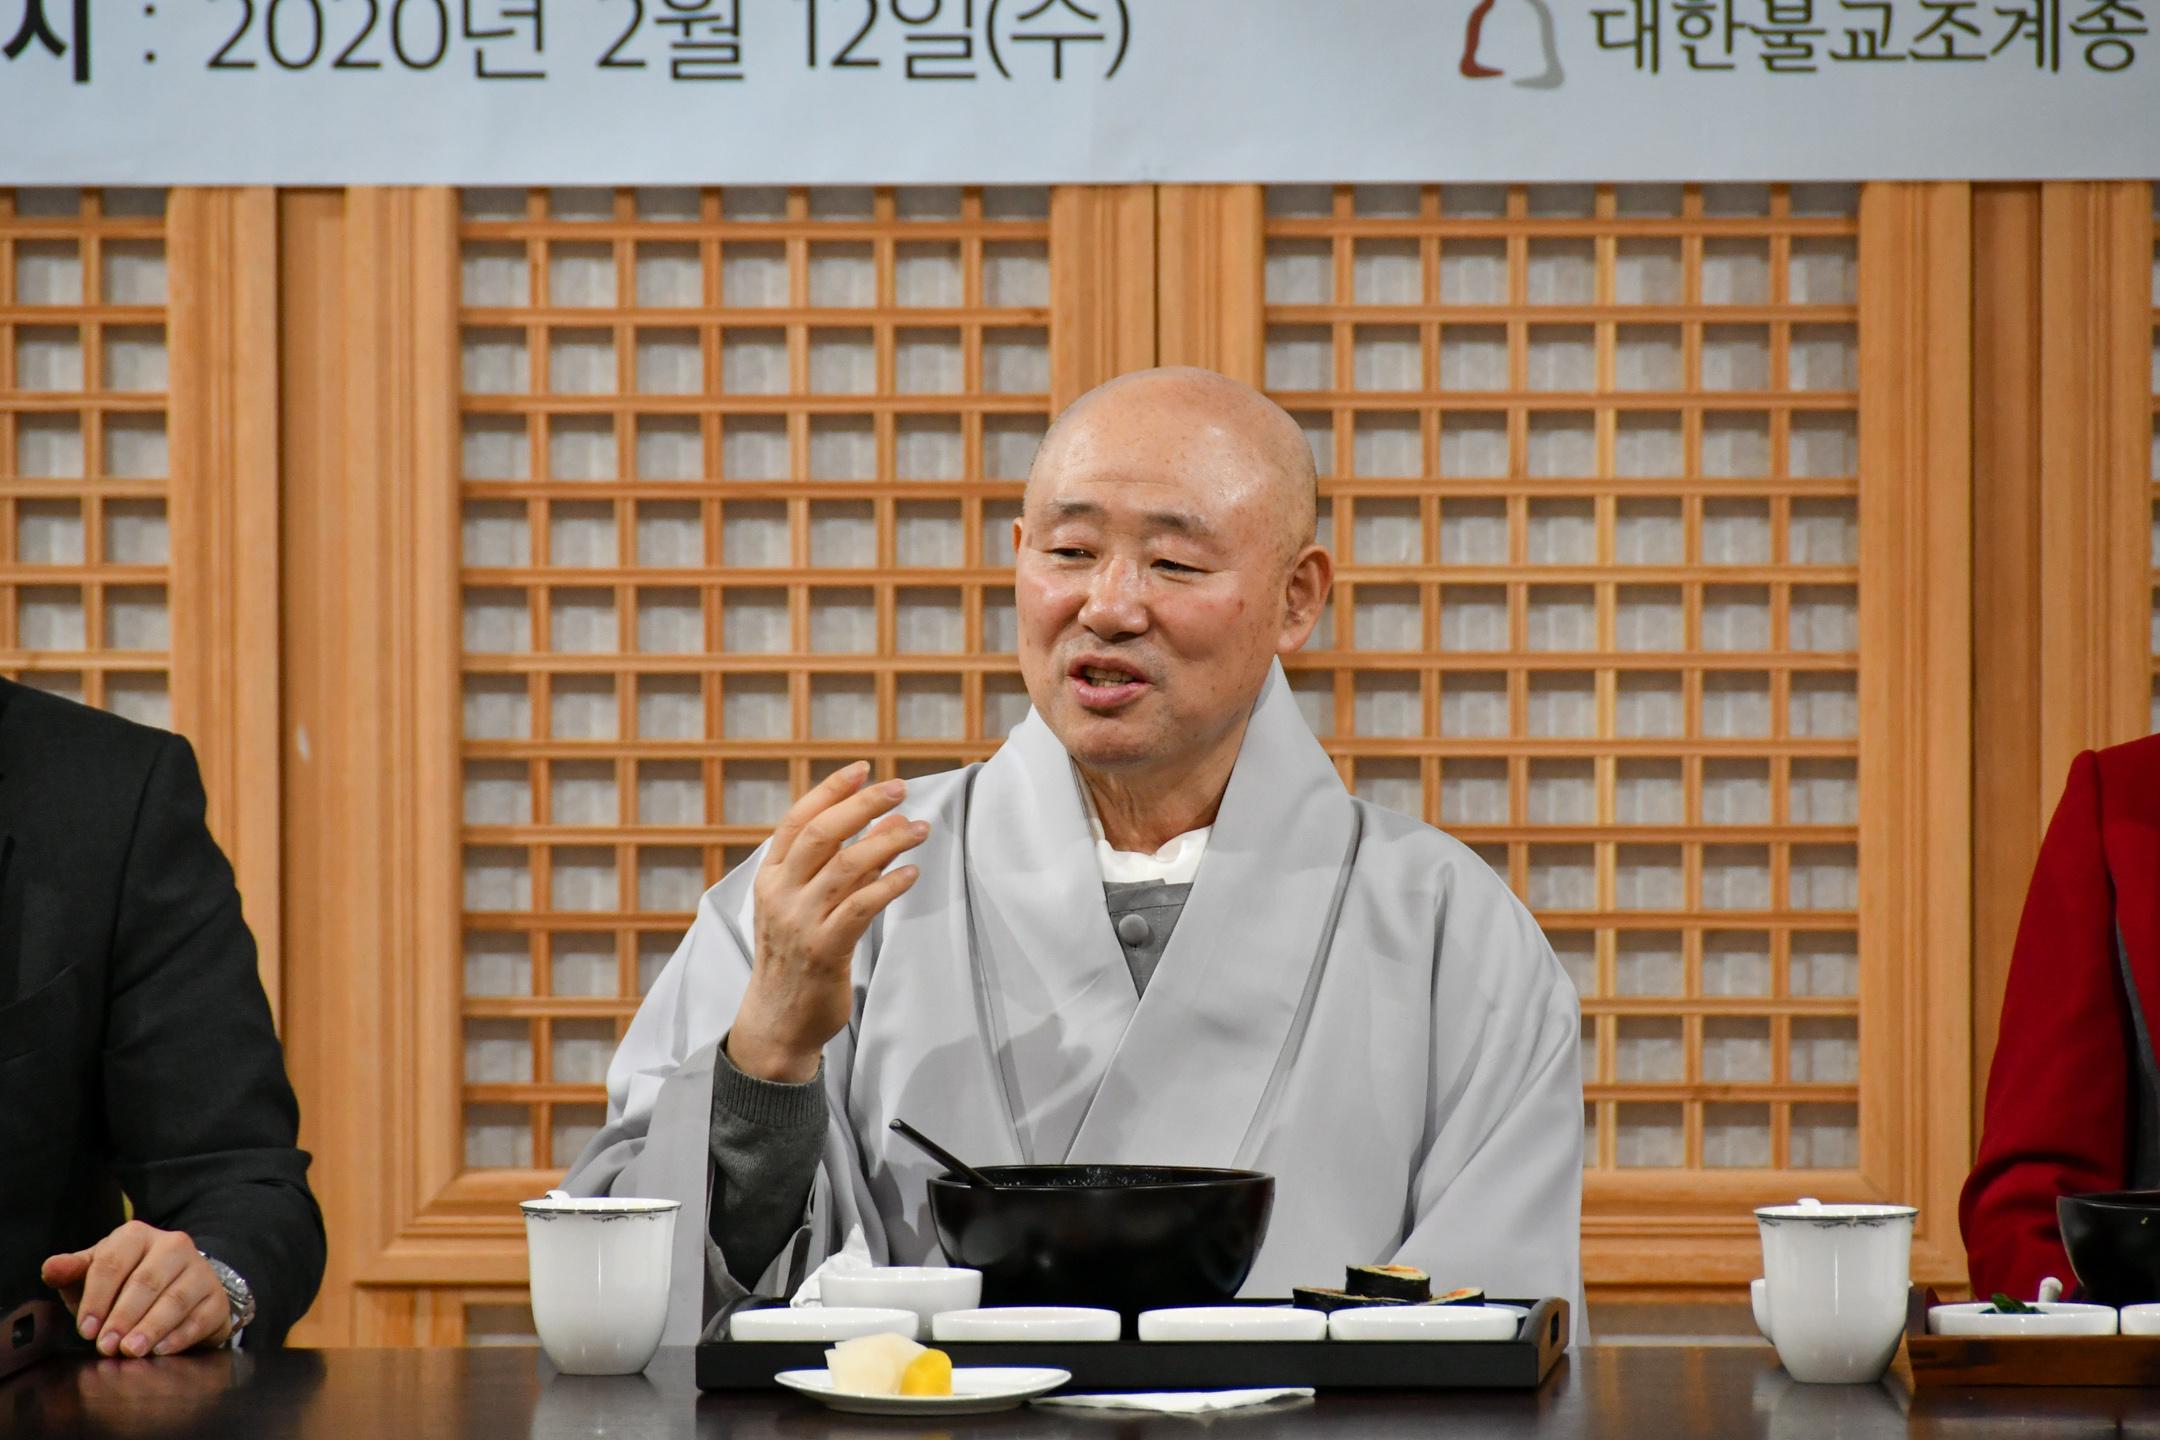 봉은사 신년 간담회 봉은사 신년 간담회(4).jpg